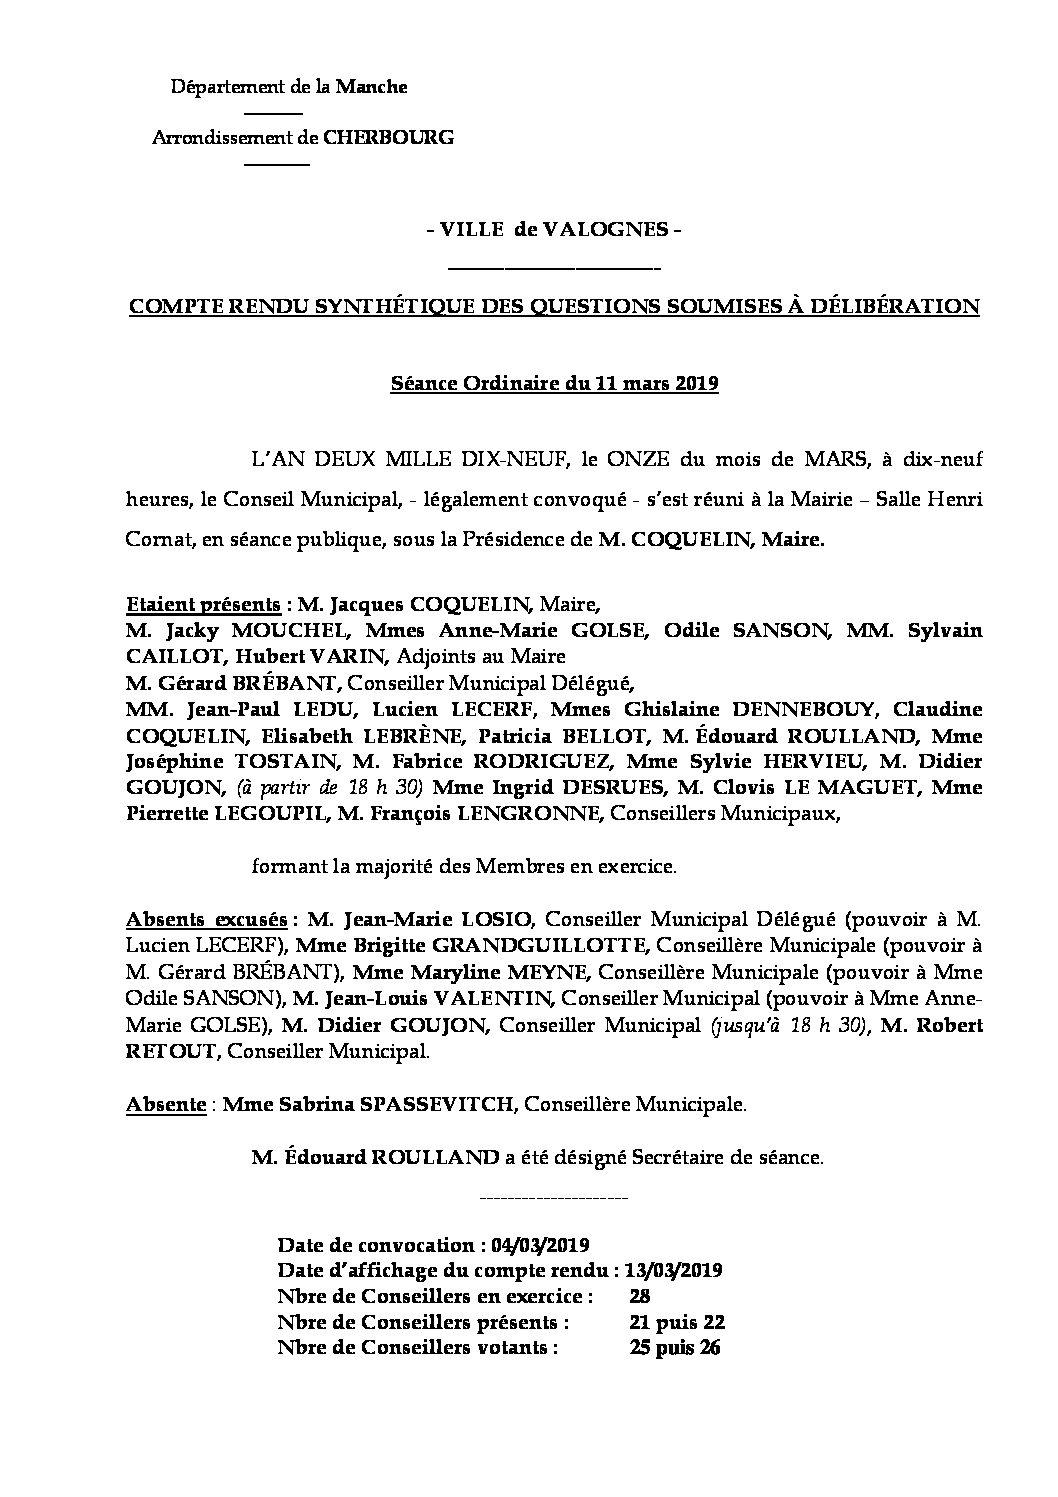 Compte rendu synthétique du Conseil Municipal du 11 mars 2019 - Compte rendu synthétique des questions soumises à délibération lors de la séance du Conseil Municipal du 11 mars 2019.